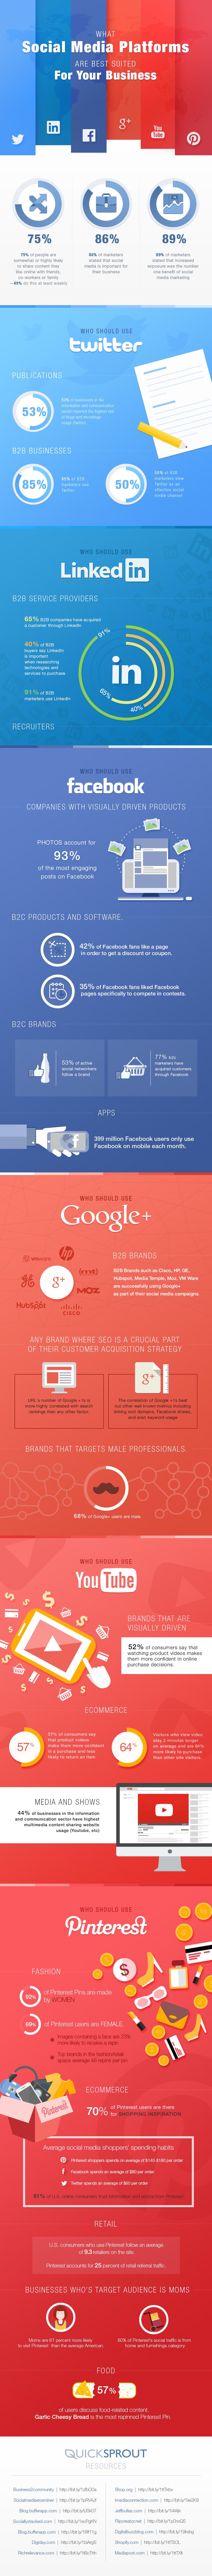 Infografik: Social Media Plattformen